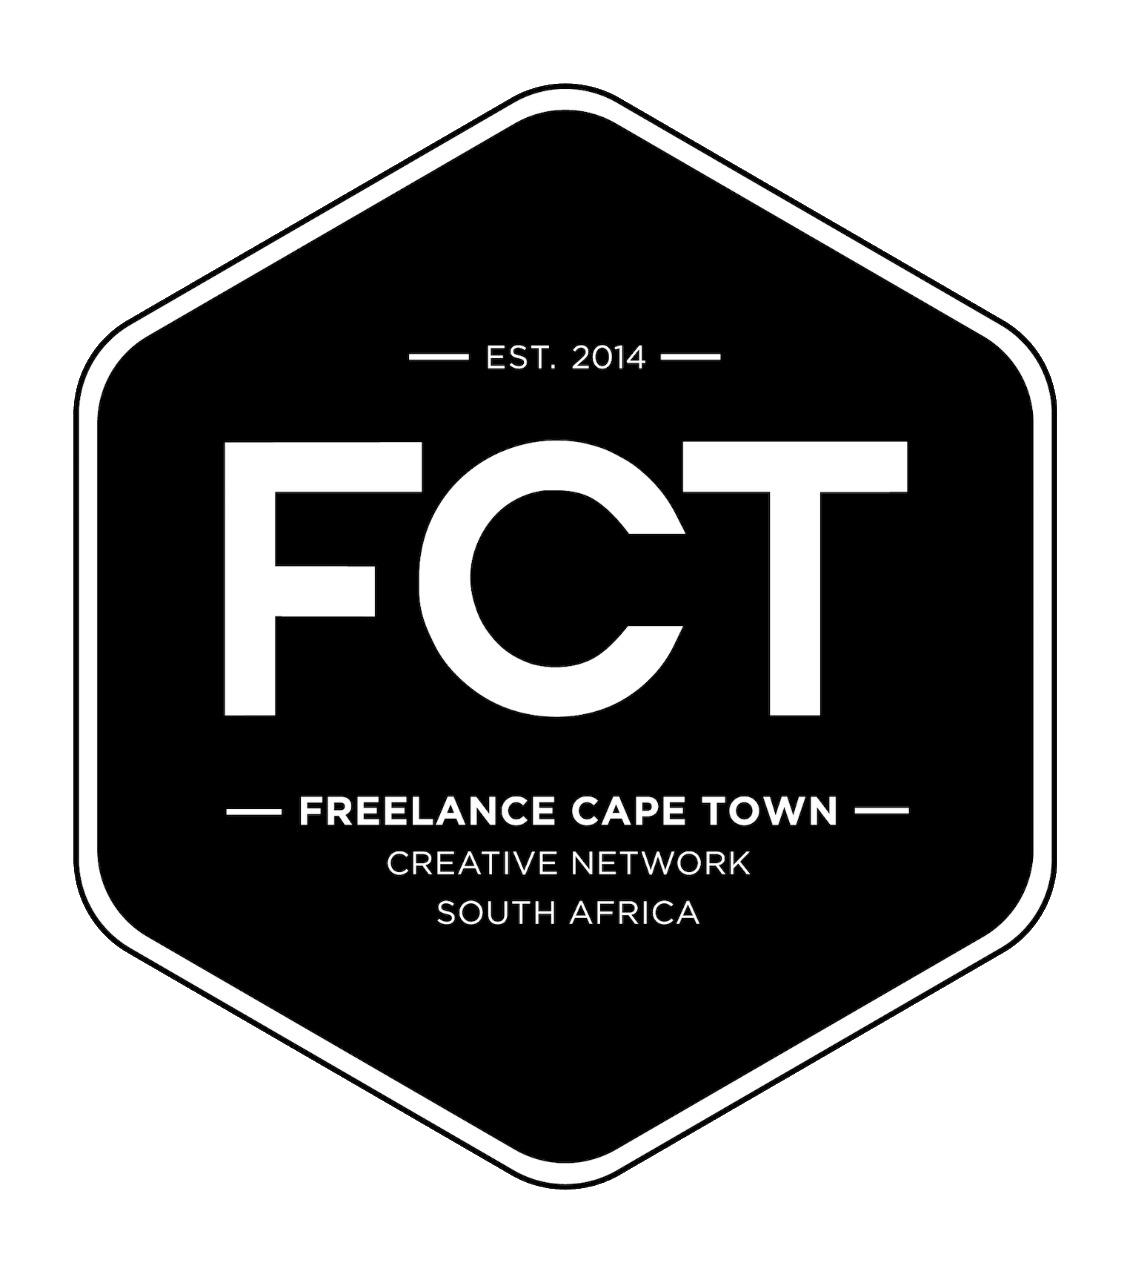 Freelance Cape Town - Cape Town's Premium Listing Service